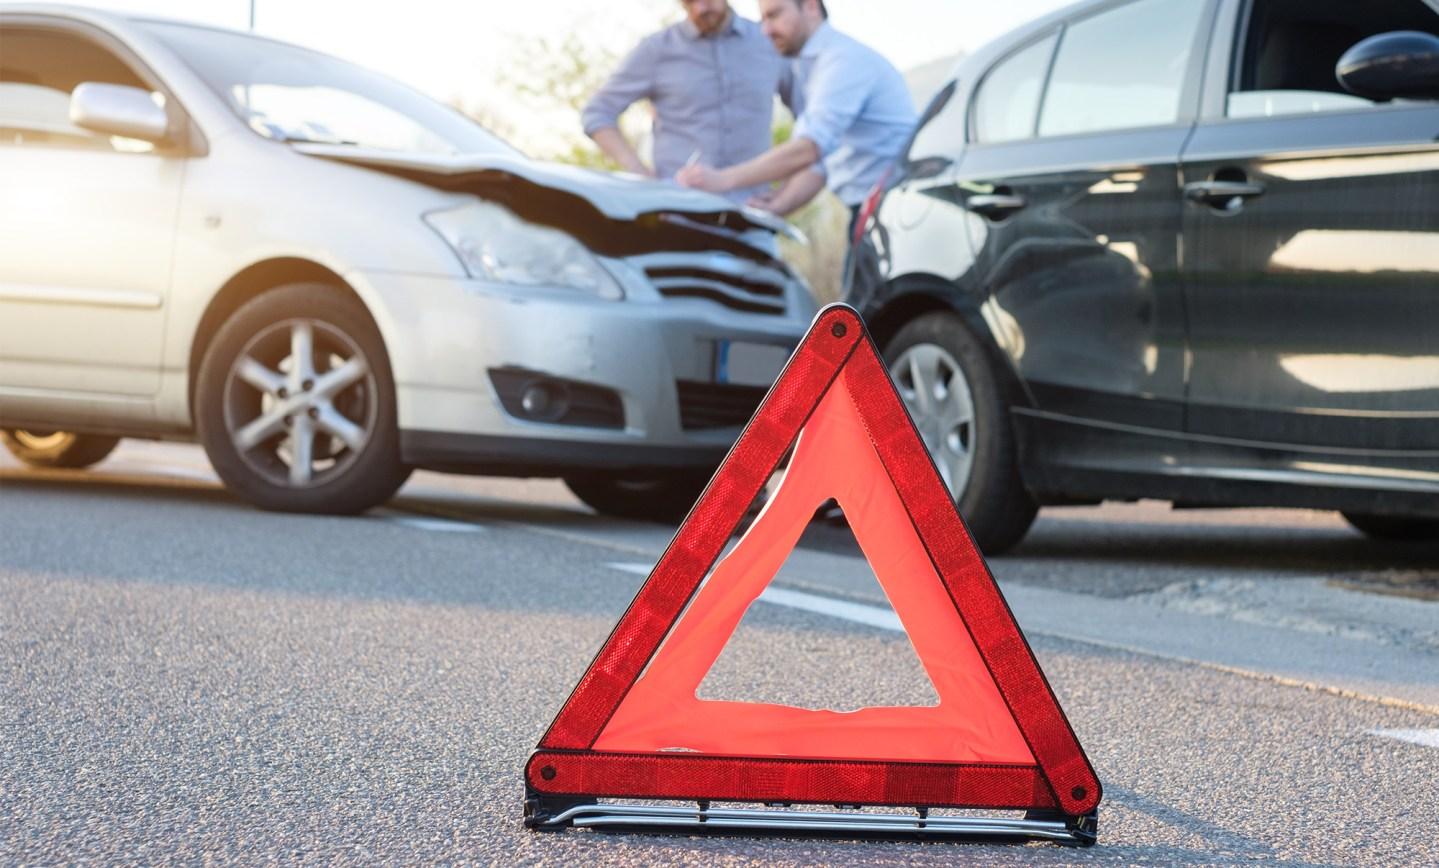 Quais profissões cometem mais infrações de trânsito?